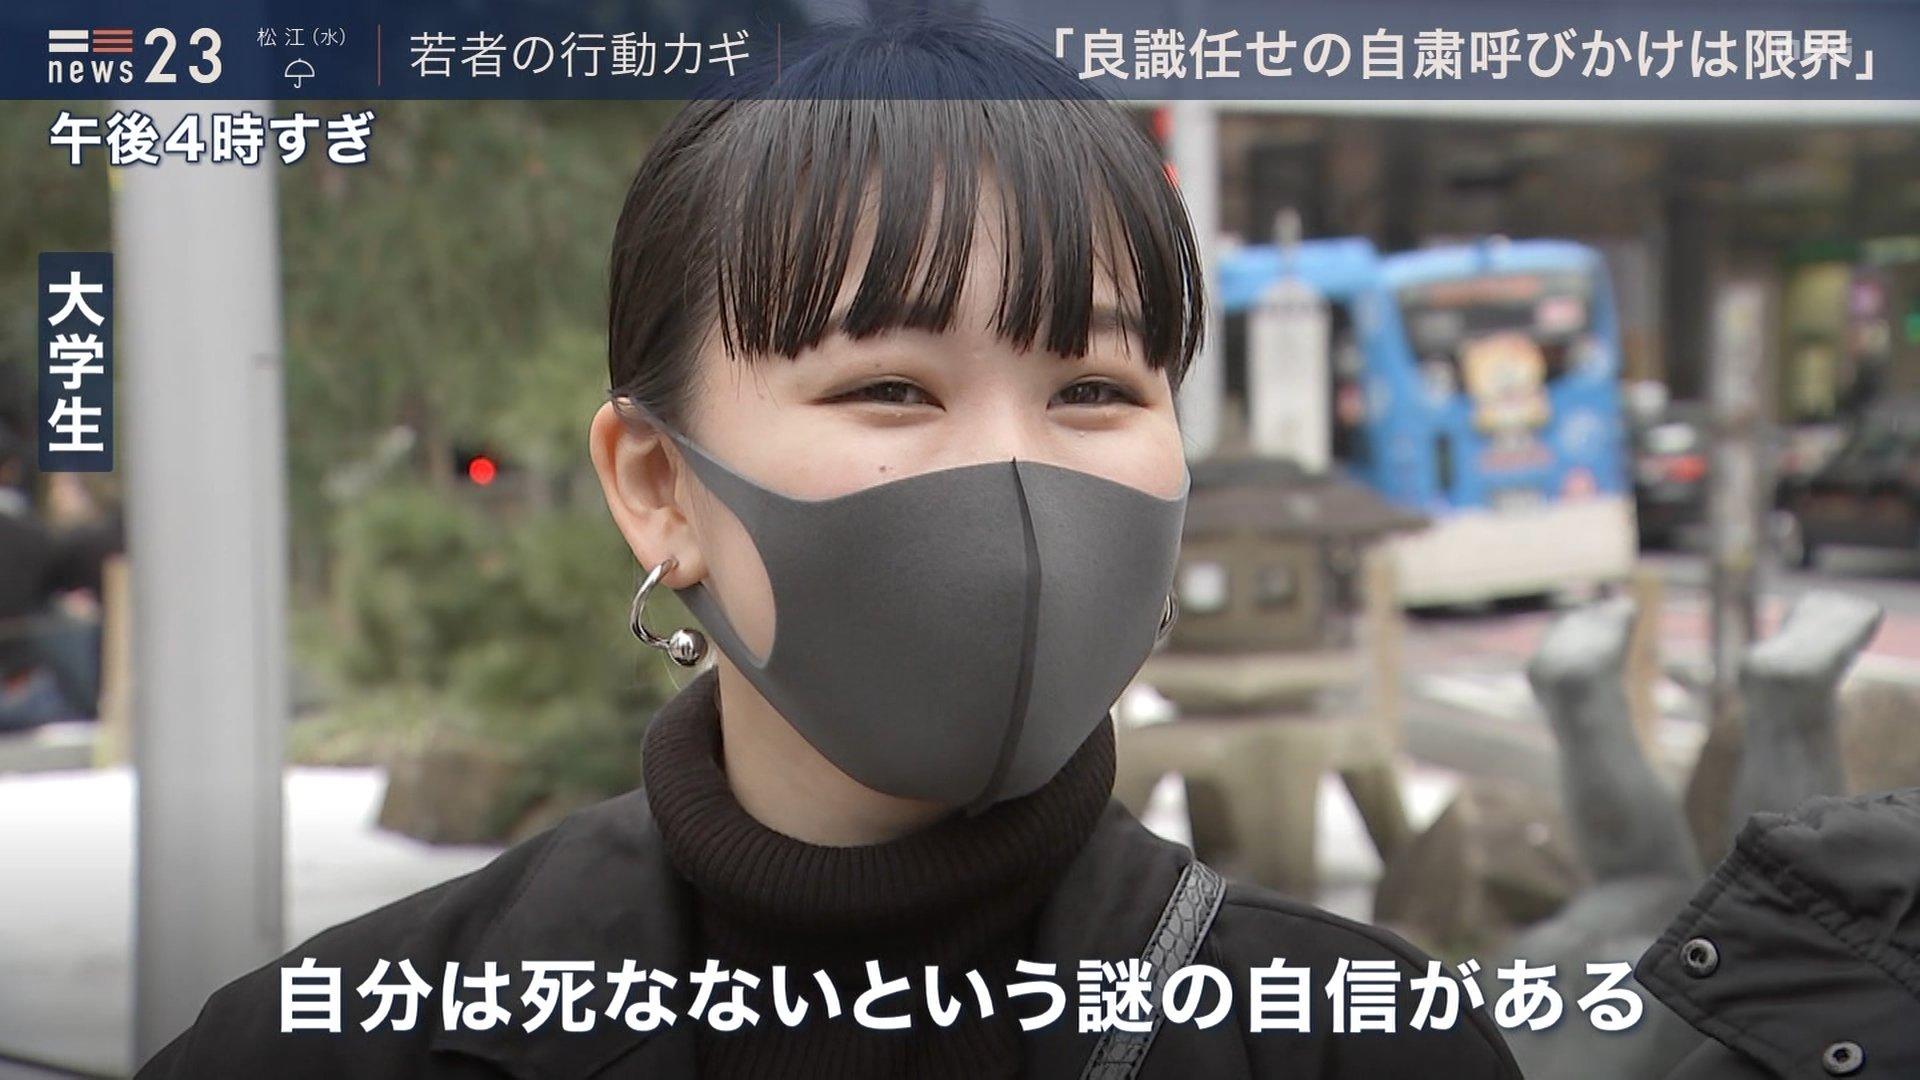 【悲報】渋谷の女子大生 「自分だけはコロナで死なないというナゾの自信がある」